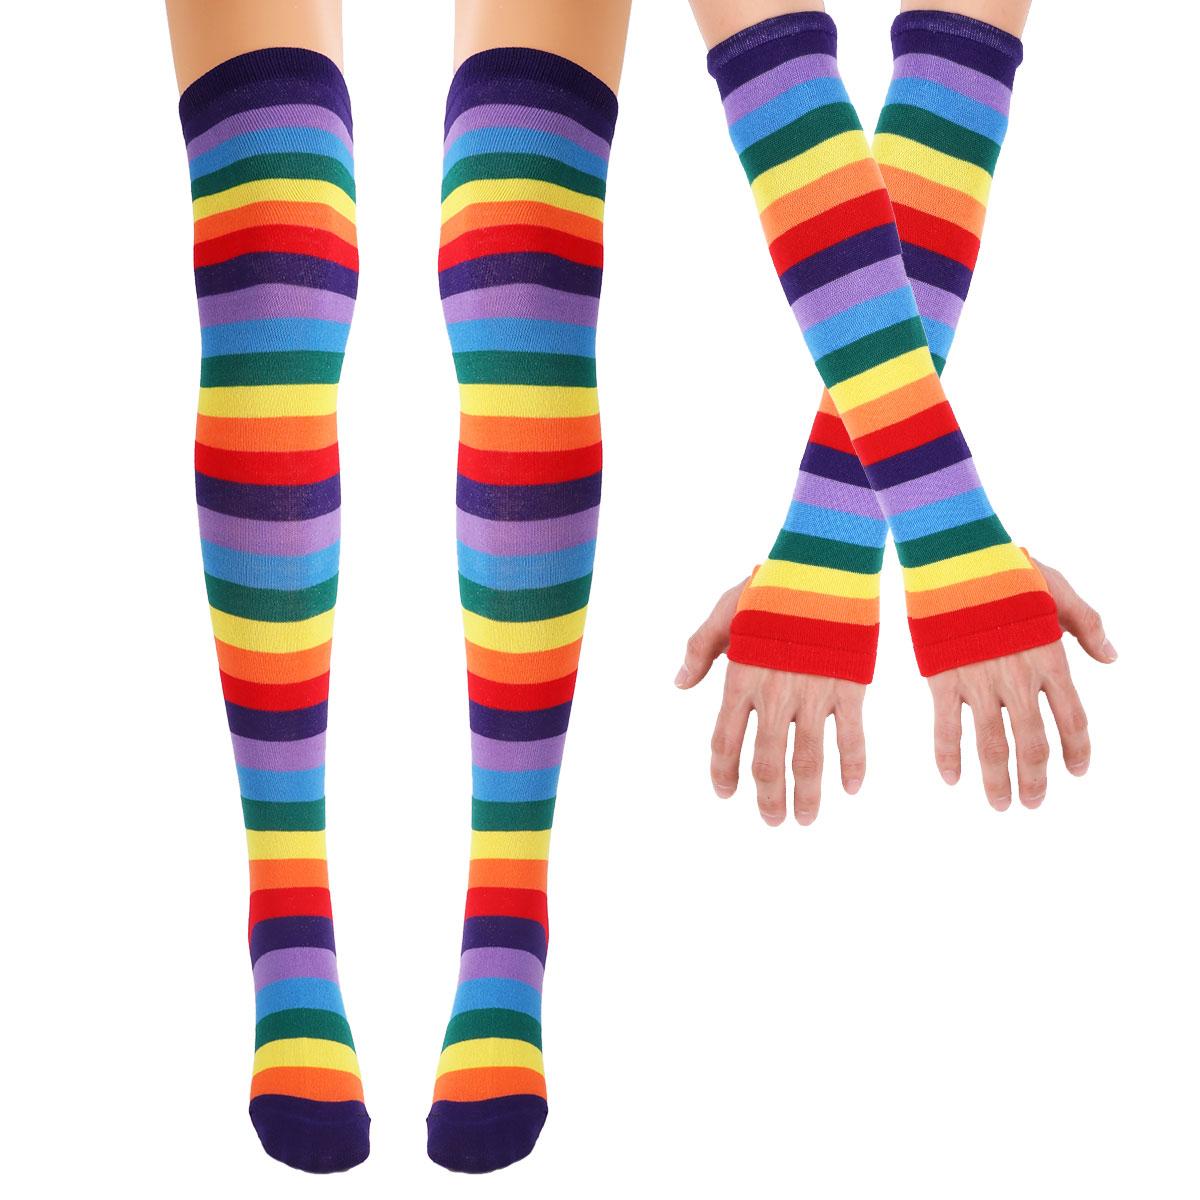 Разноцветные радужные чулки MSemis, полосатые гольфы до бедра, теплые перчатки, костюм на Хэллоуин вечерние, косплей, праздничные подарки